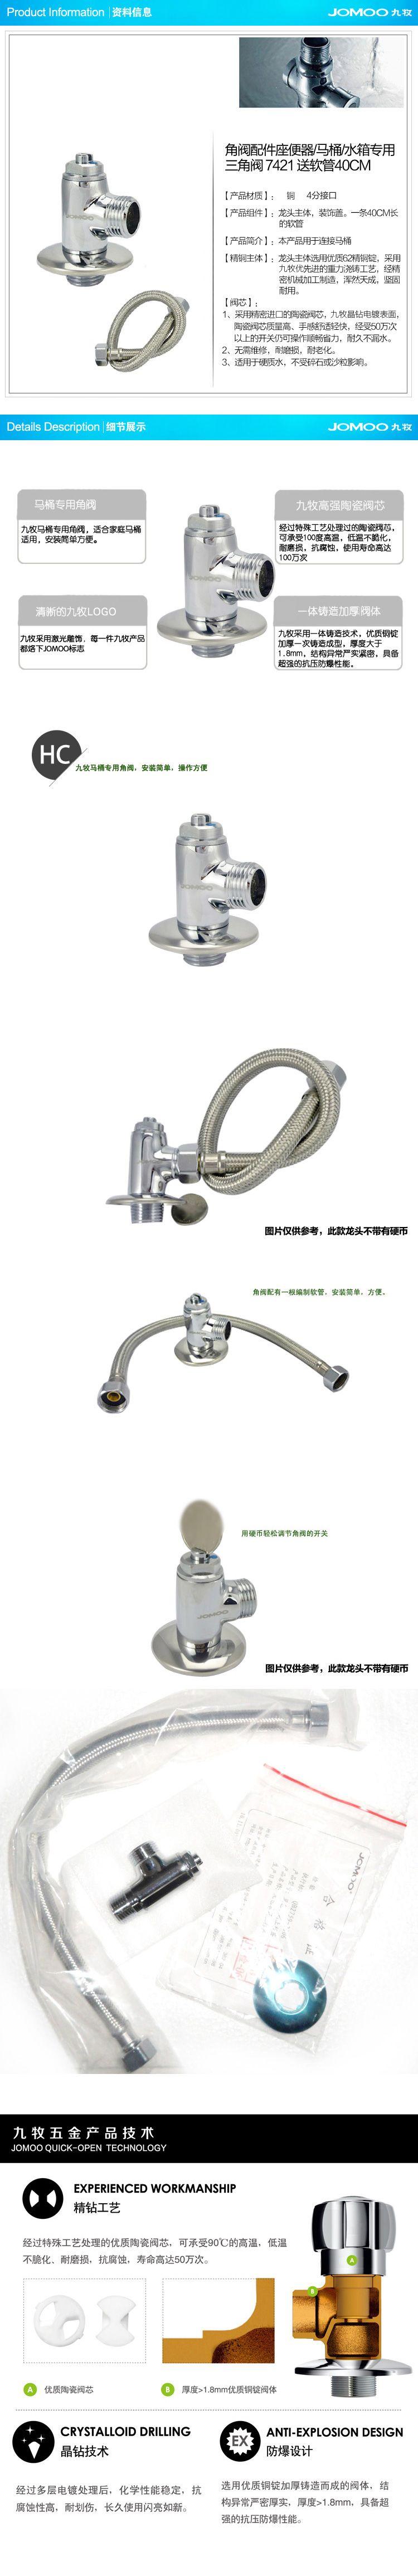 马桶专用角阀带软管